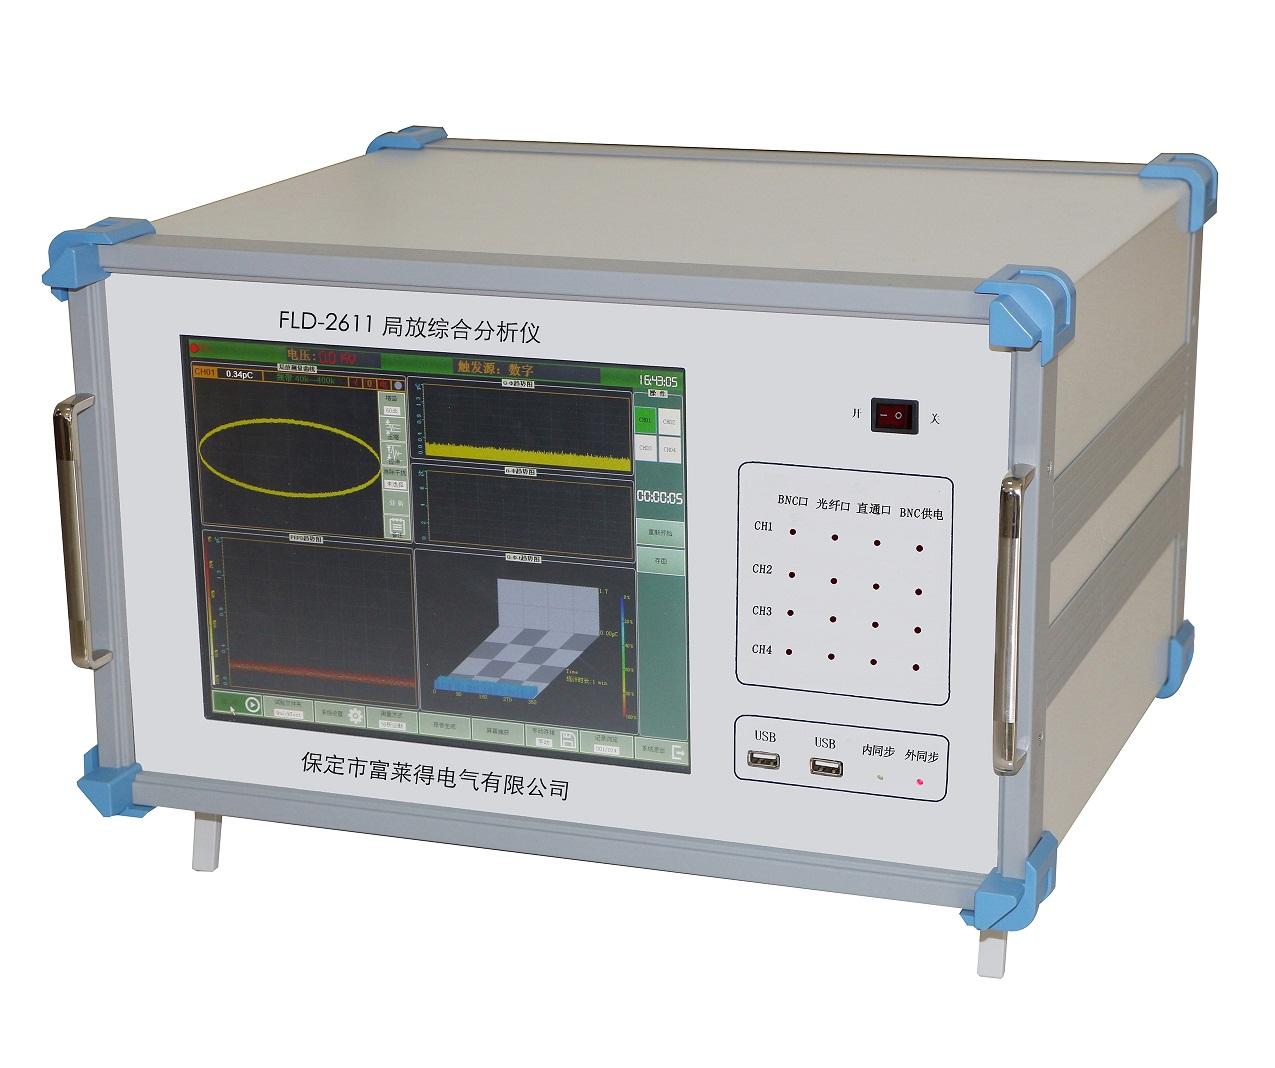 FLD-2611局放綜合分析儀